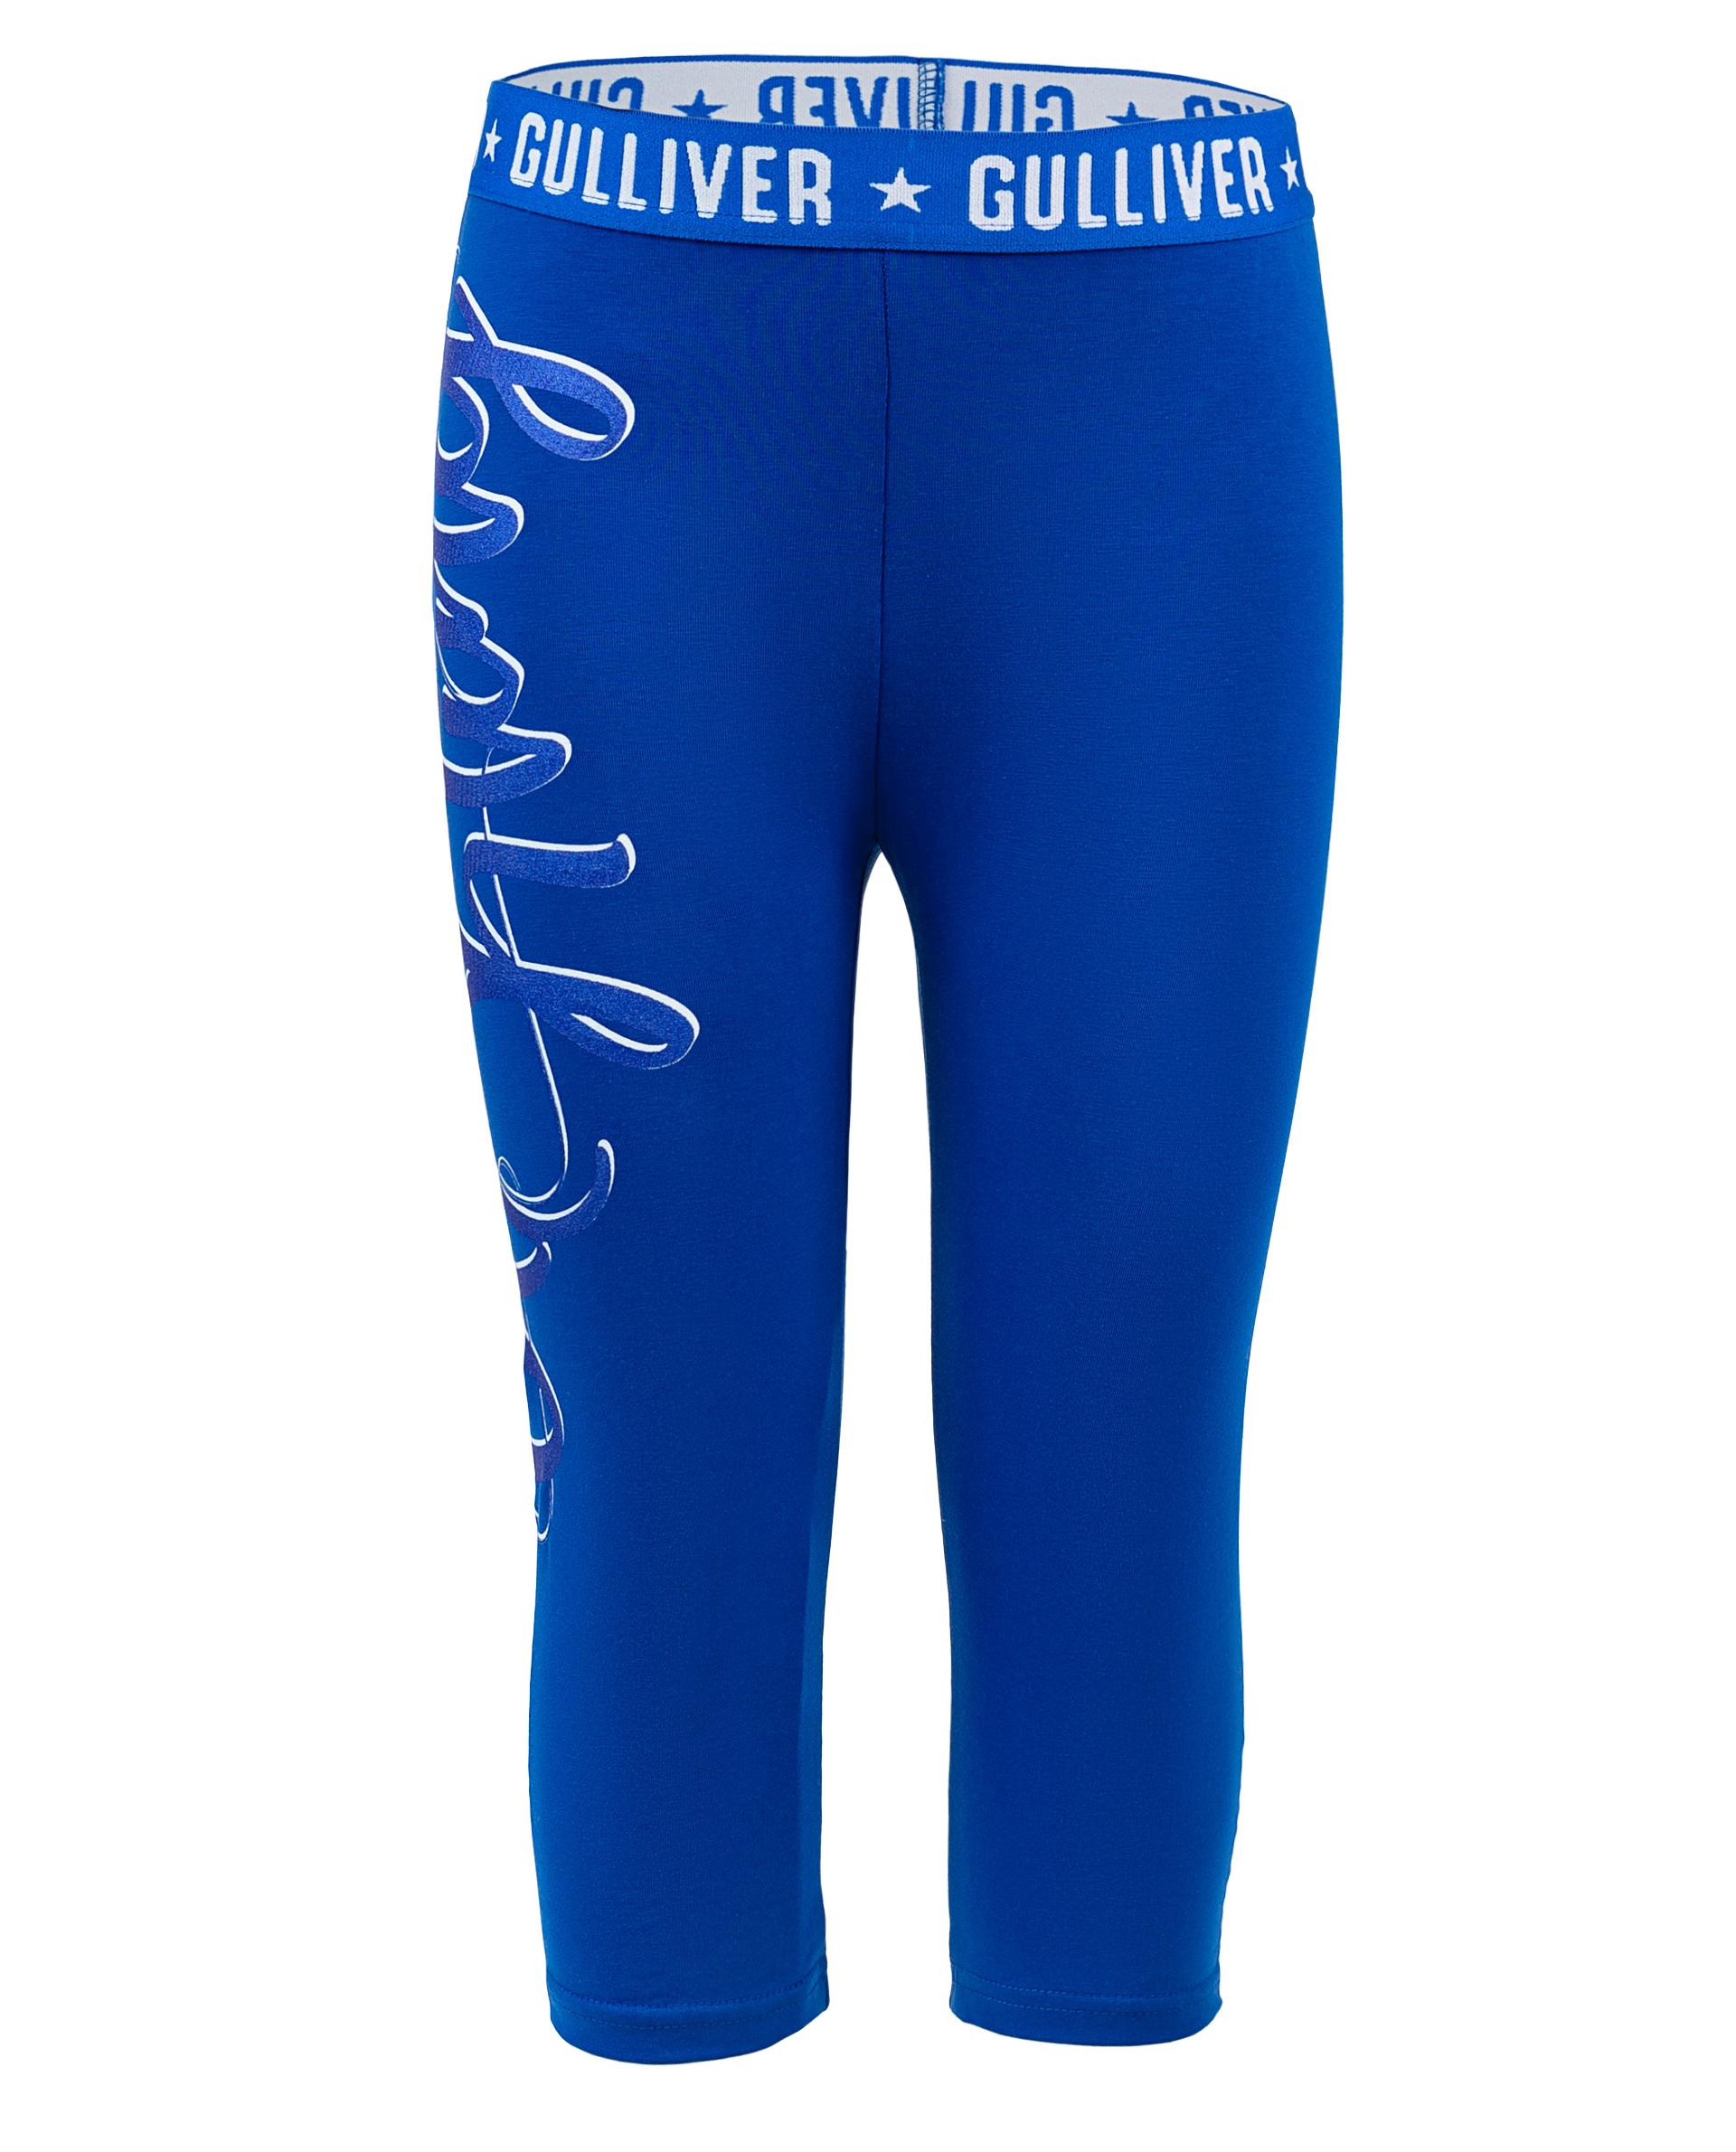 Синие легинсы с принтом Gulliver